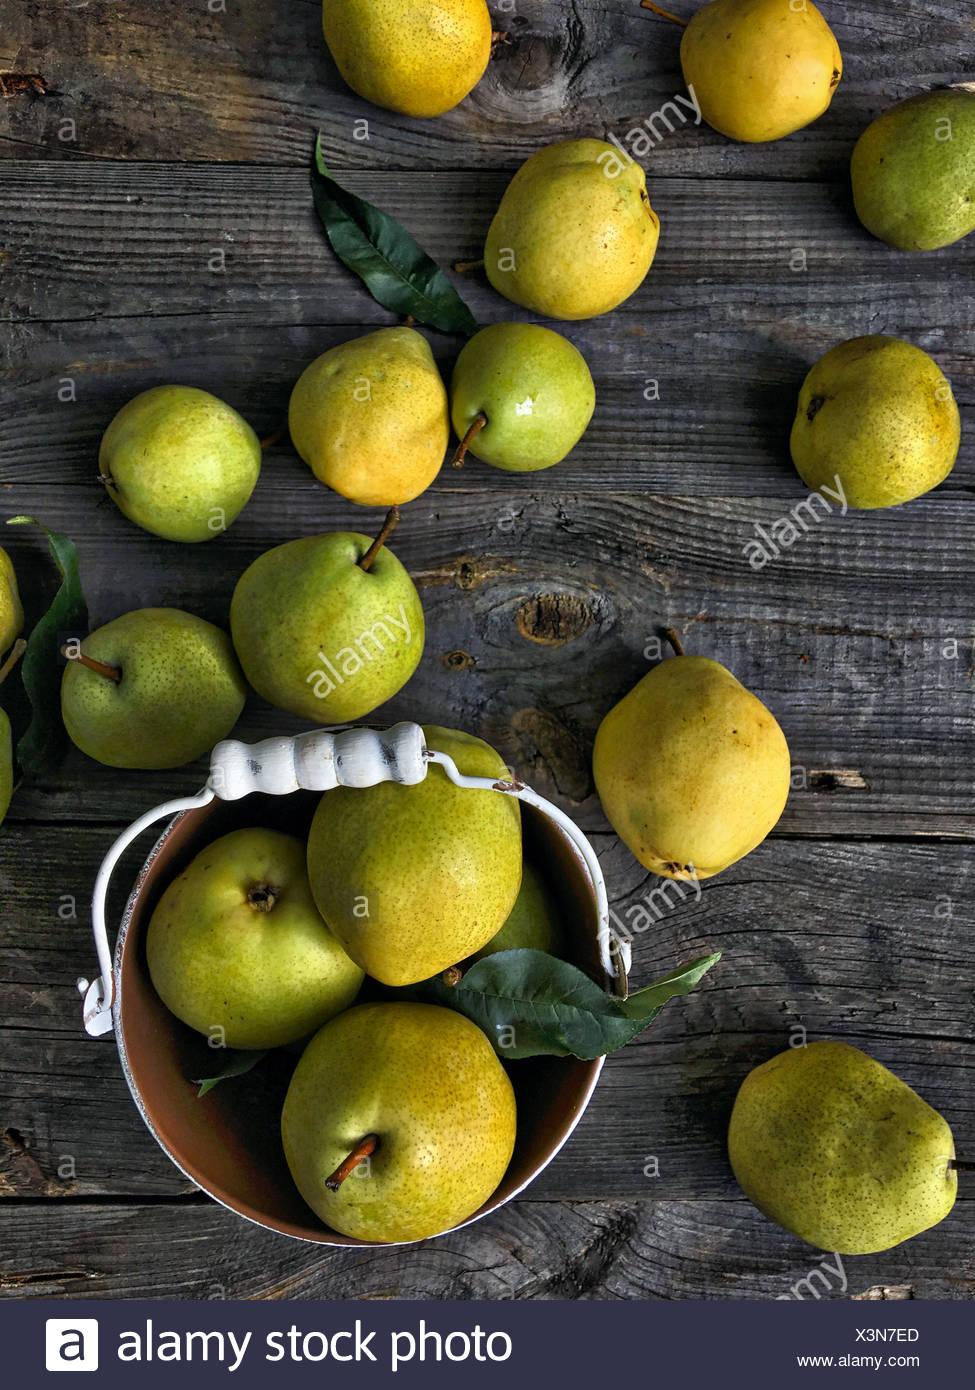 Reife, gelbe und grüne Birnen auf einem Tisch Stockbild